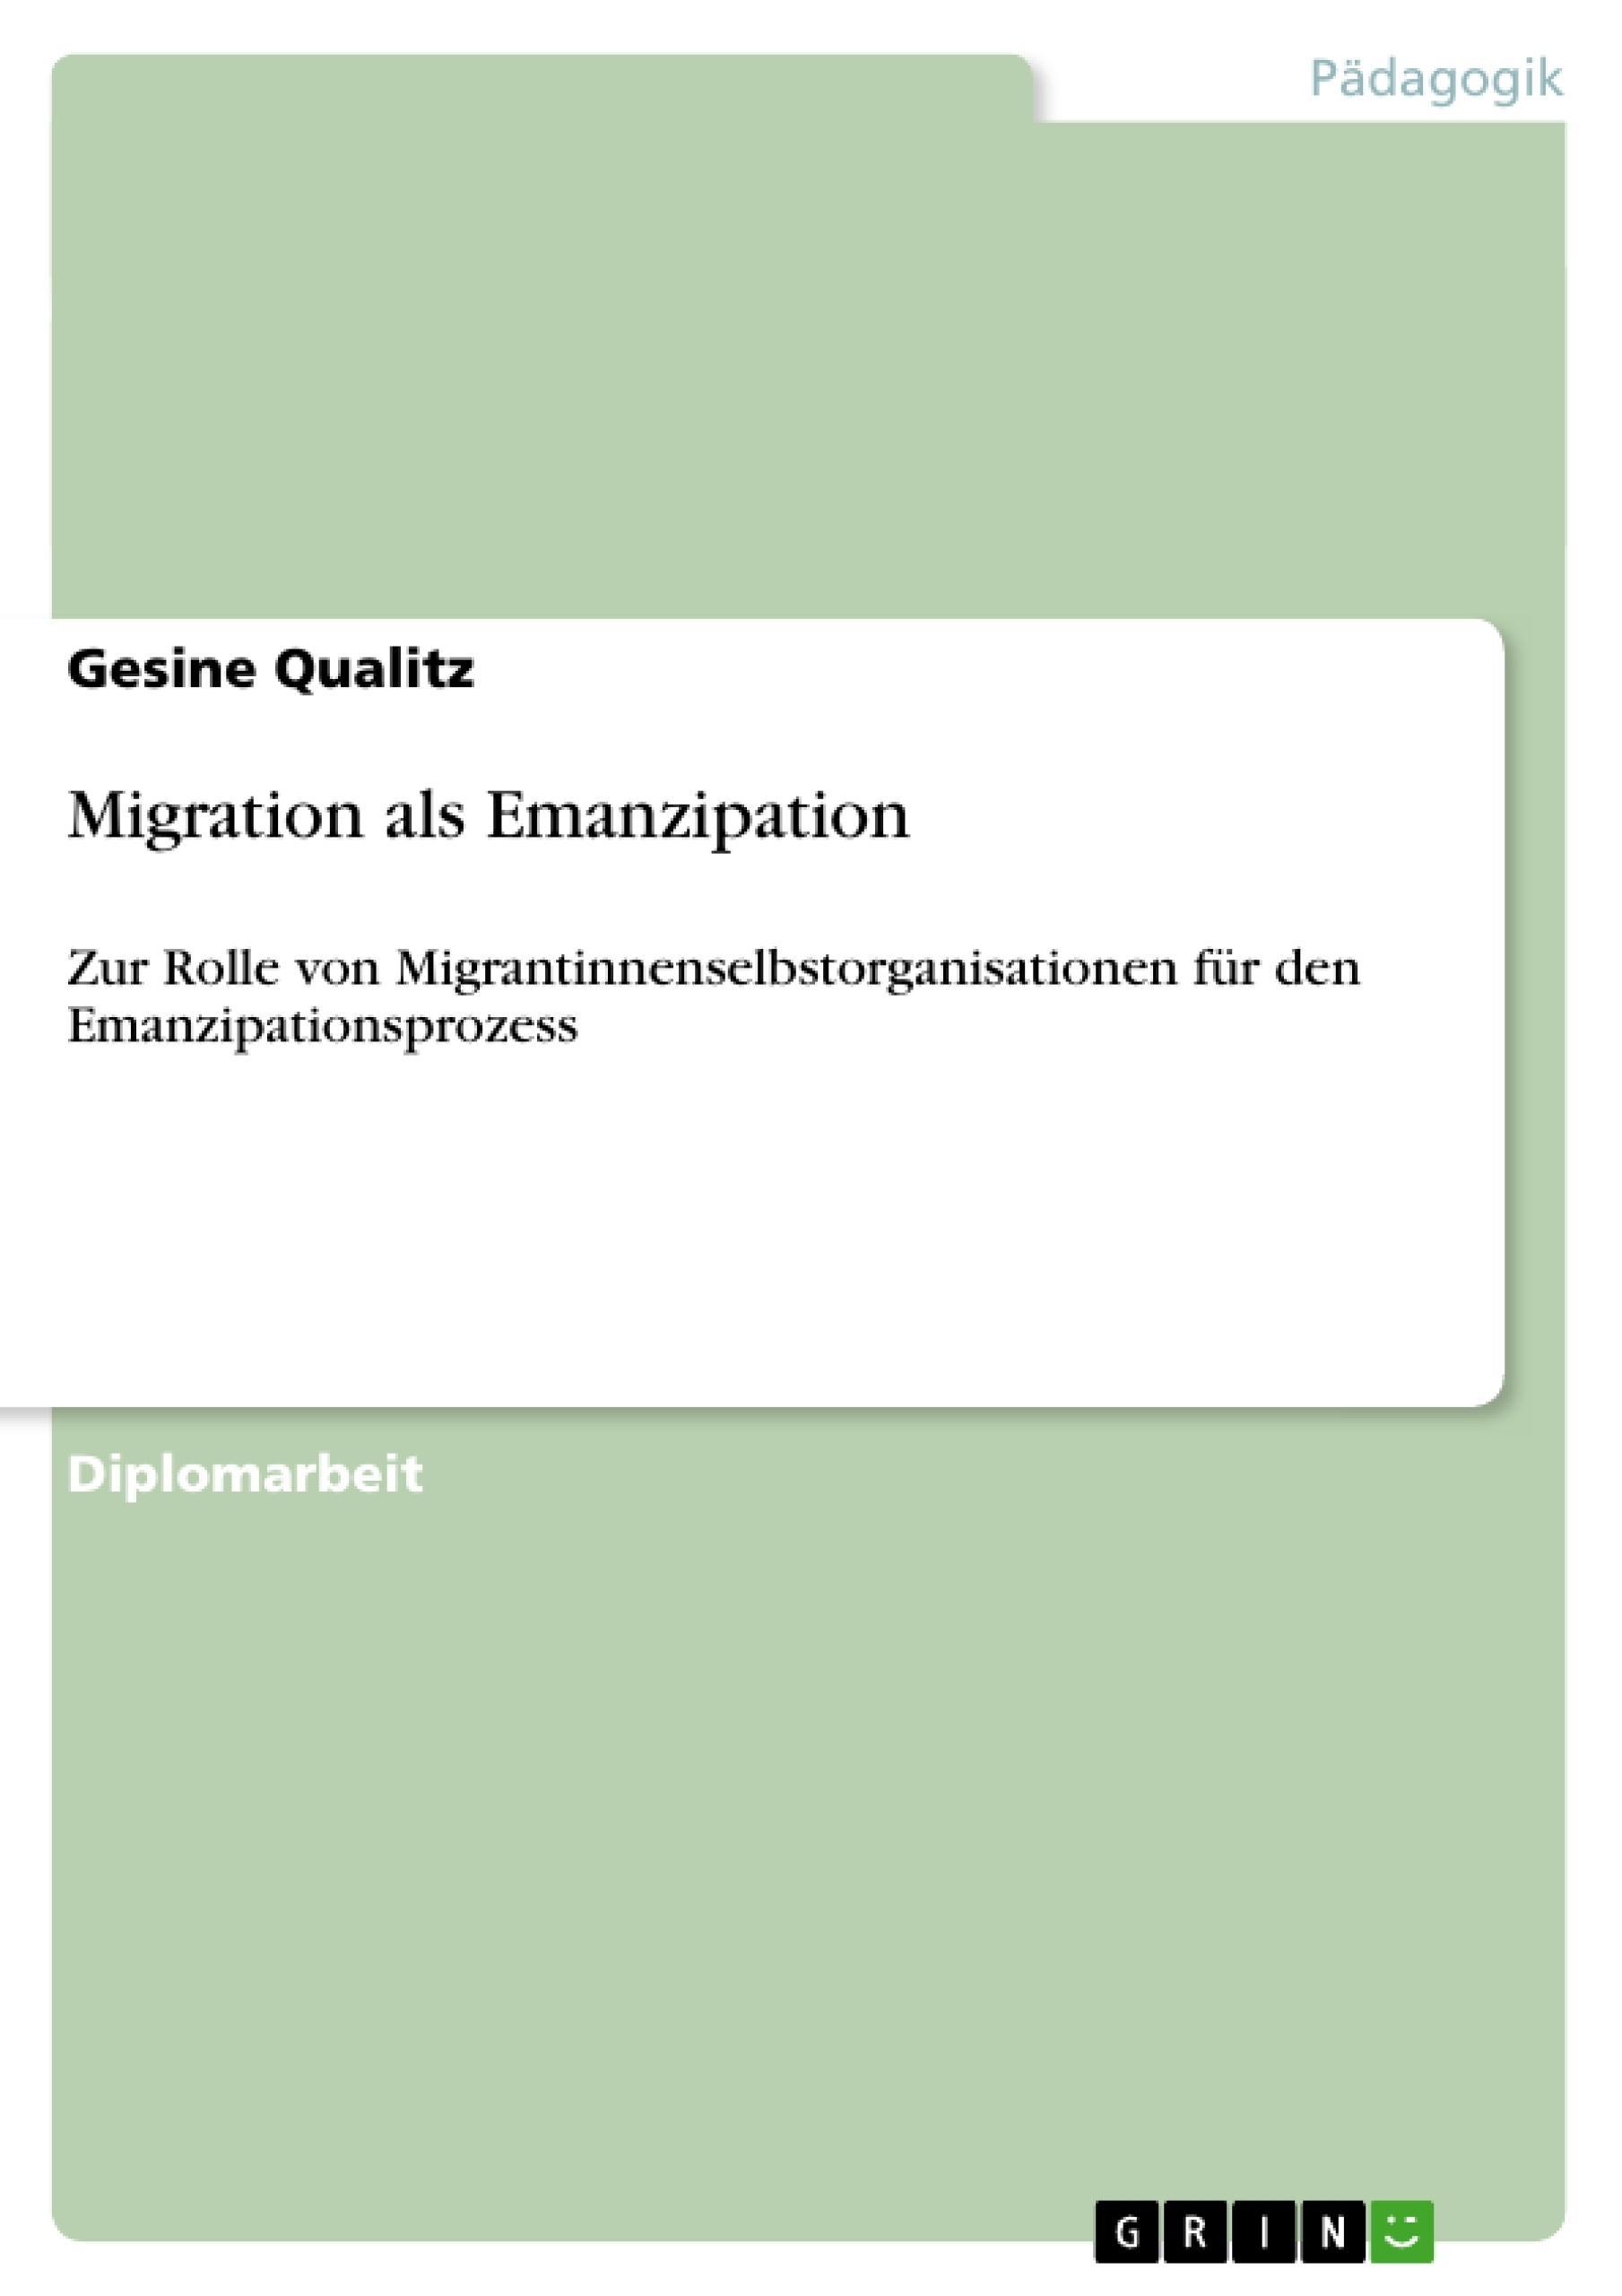 Migration als Emanzipation | Masterarbeit, Hausarbeit ...